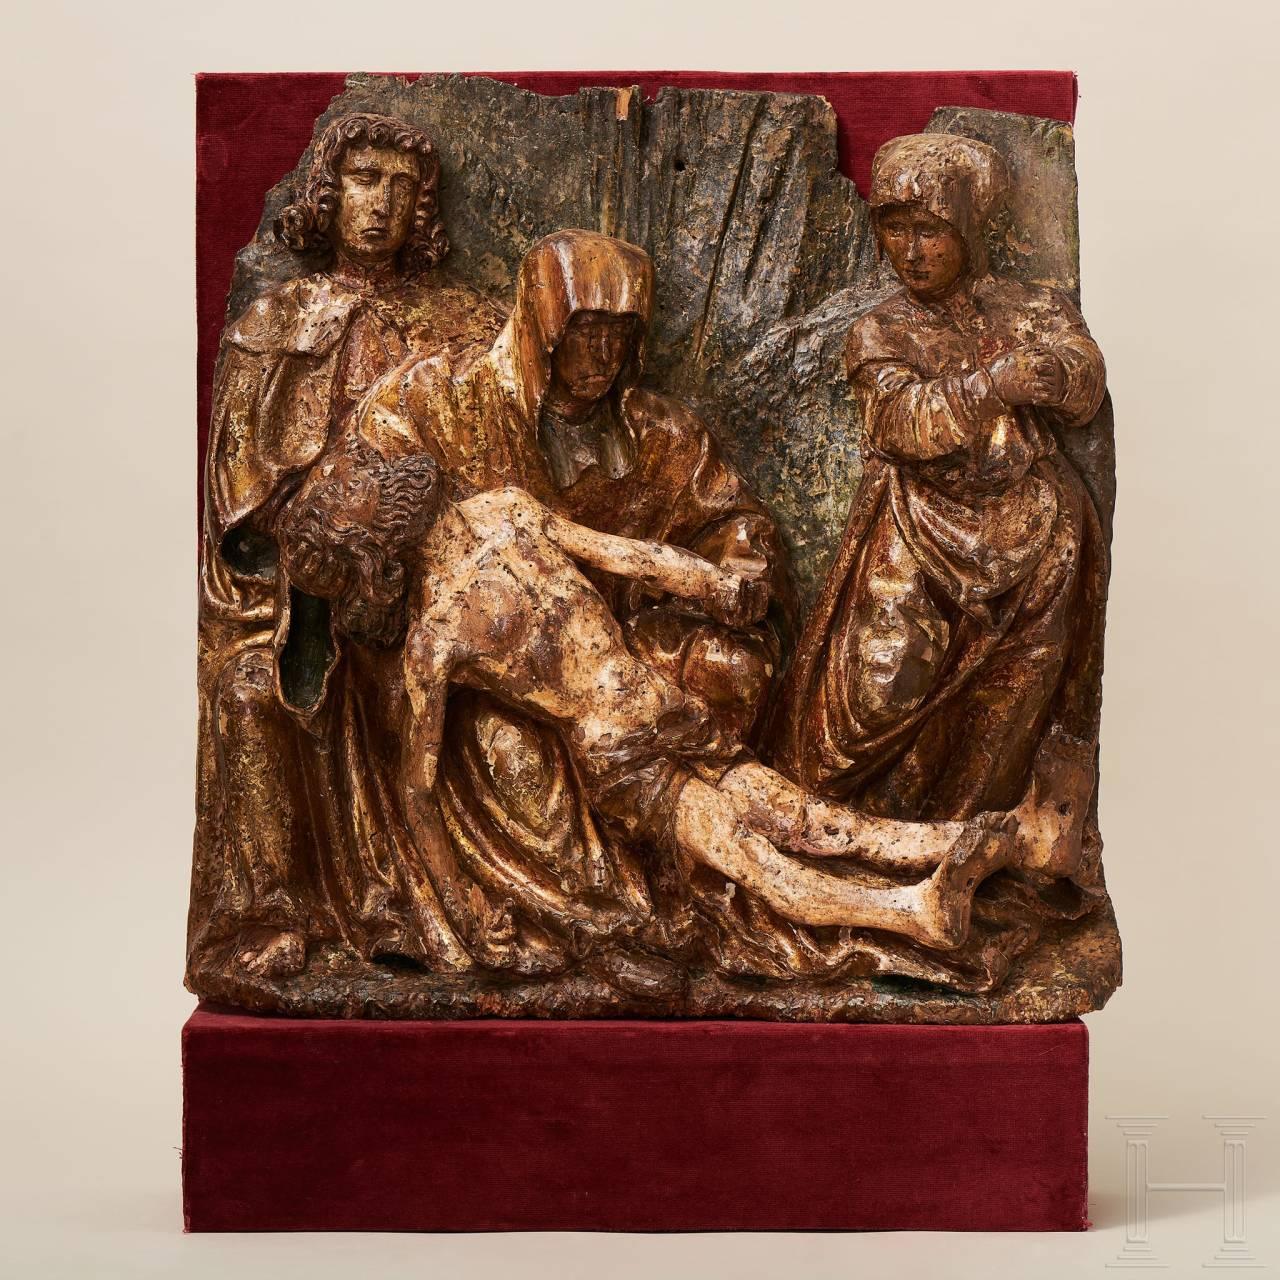 Relieftafel mit Darstellung der Beweinung Christi, flämisch, spätes 15. Jhdt.